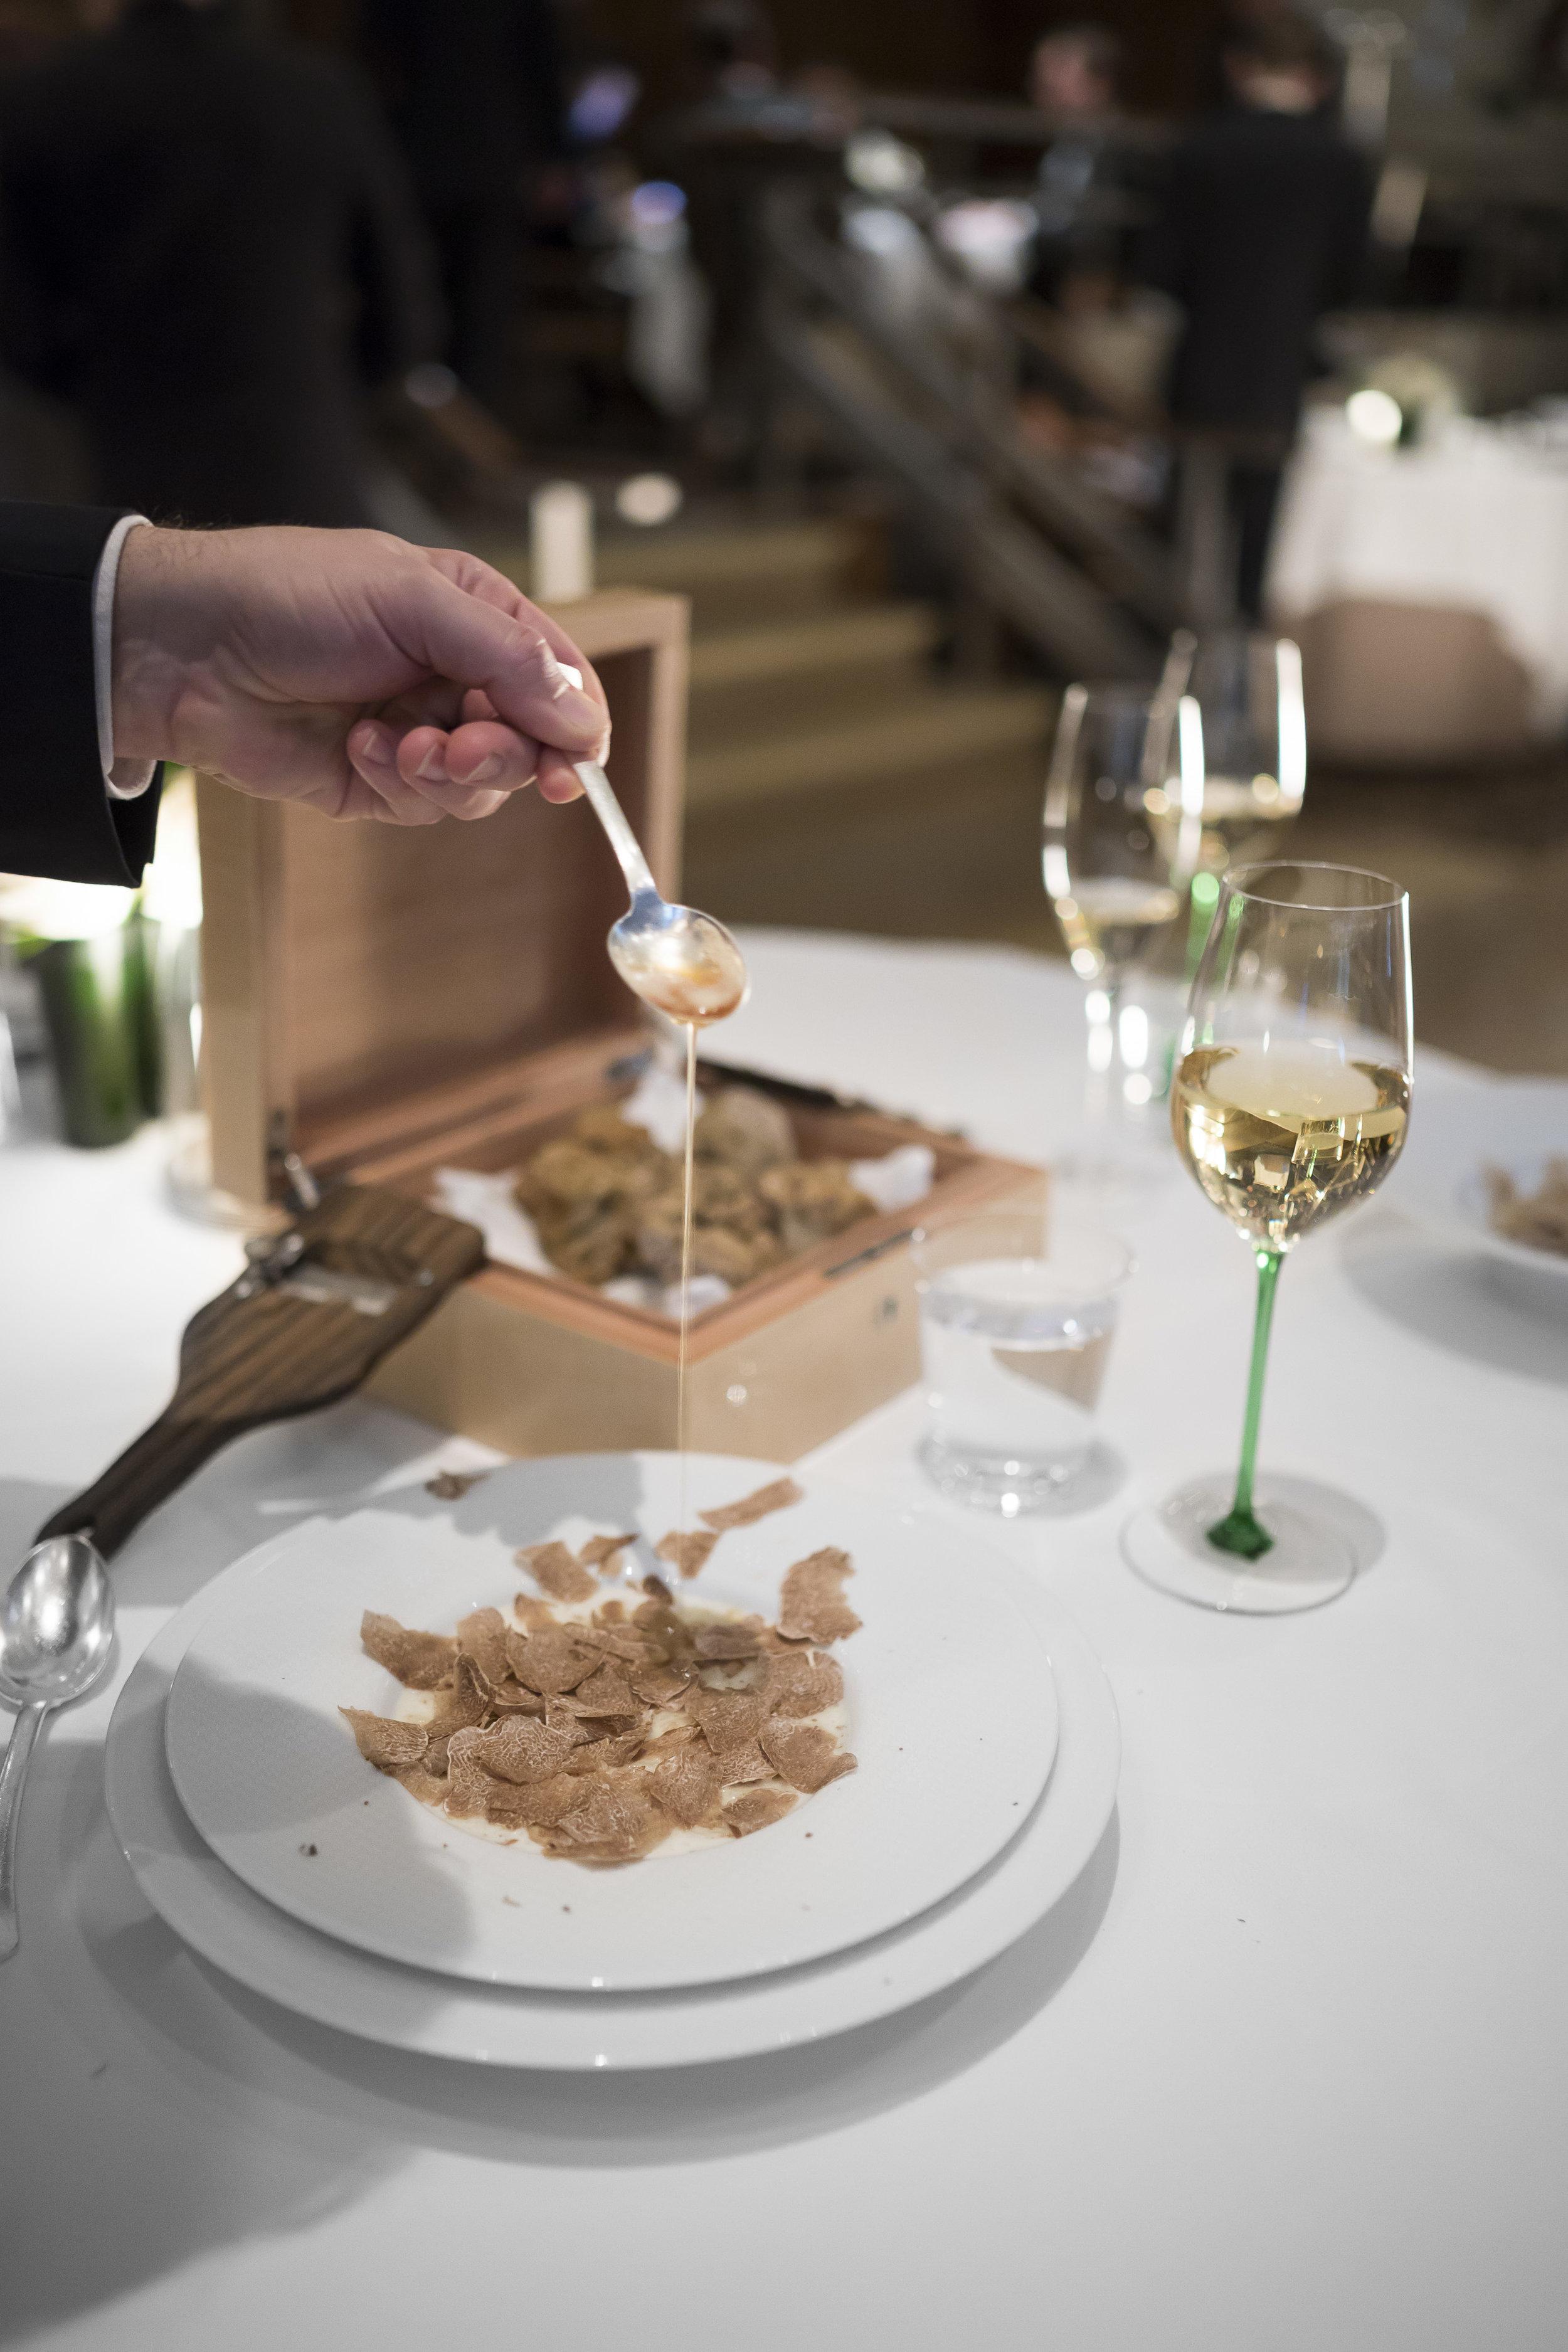 """""""Carnaroli Risotto Biologico."""" Shaved White Truffles from Alba. """"Beurre Noisette,"""" and """"Parmigiano Reggiano."""""""